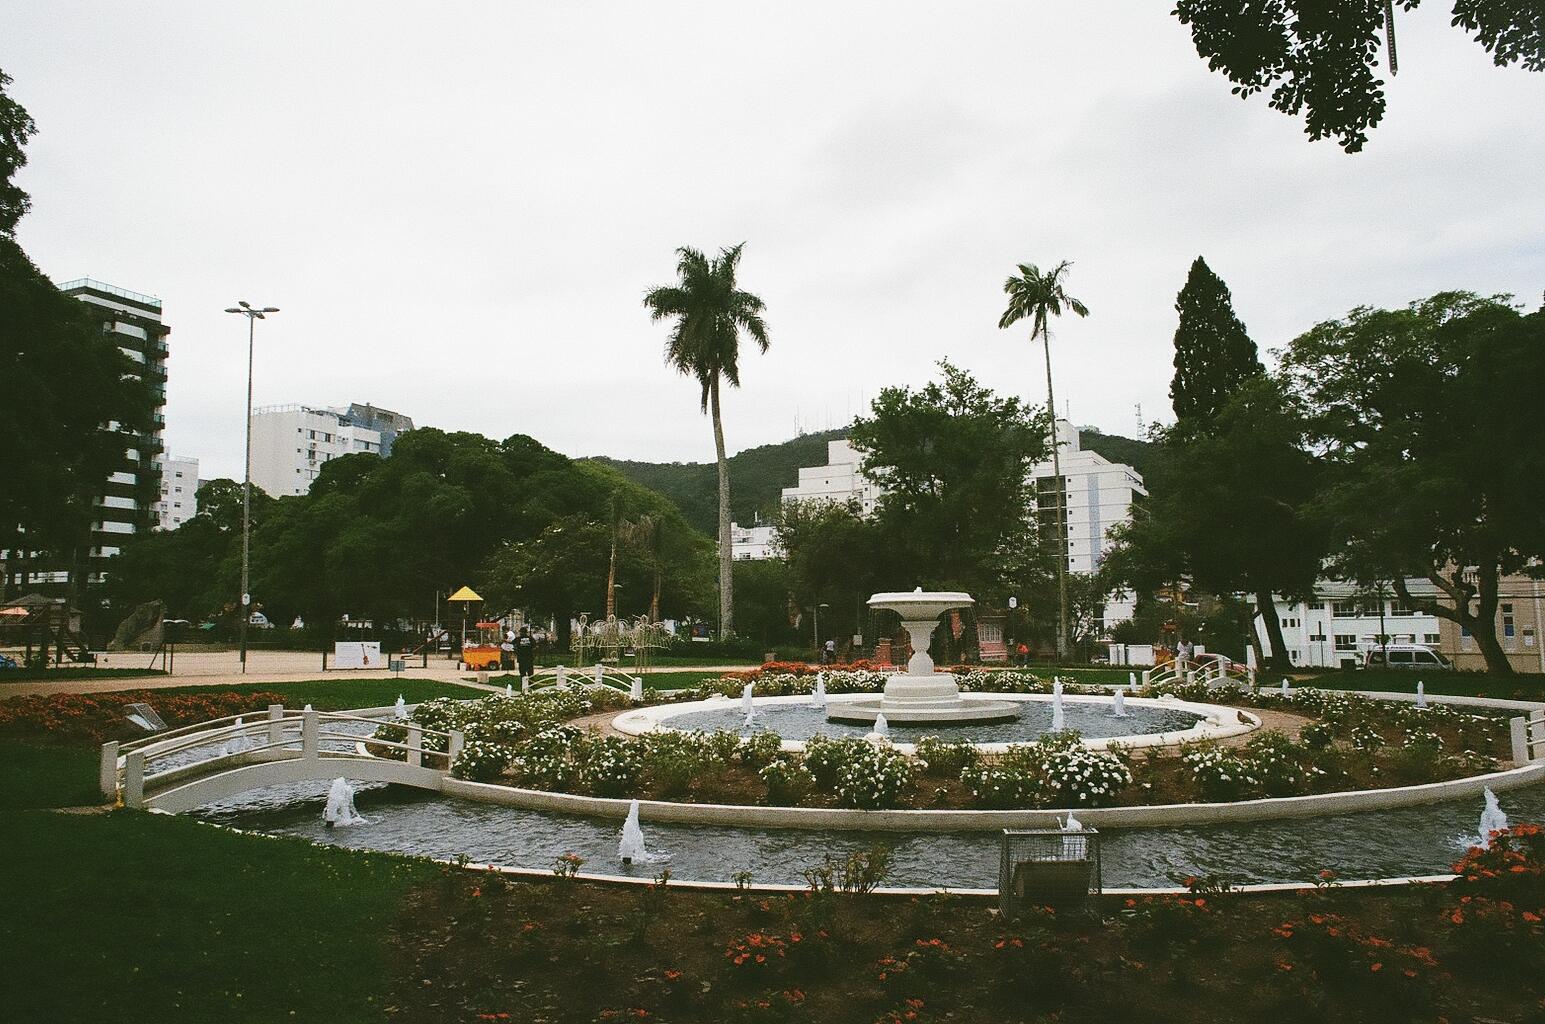 Florianopolis Park